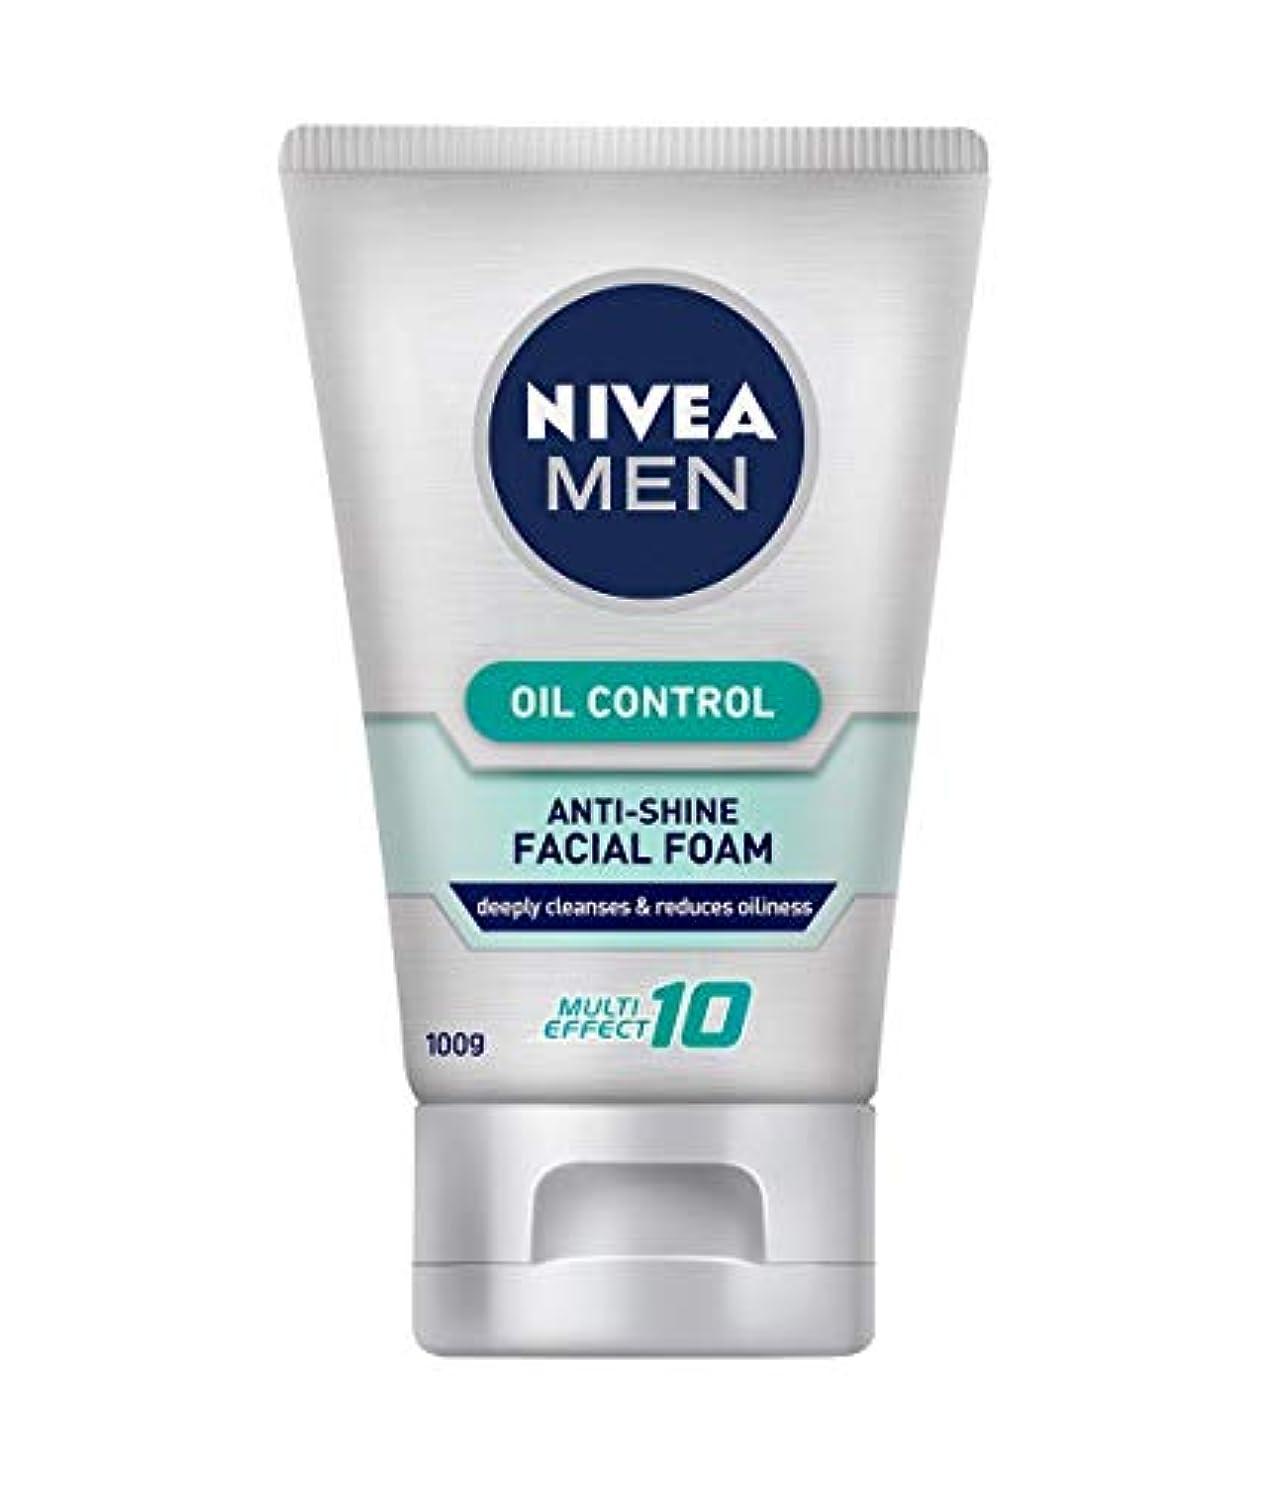 税金製油所唯物論Nivea For Men オイルコントロールクレンザー百グラム、にきびの問題を軽減しながら、炎症を和らげます。